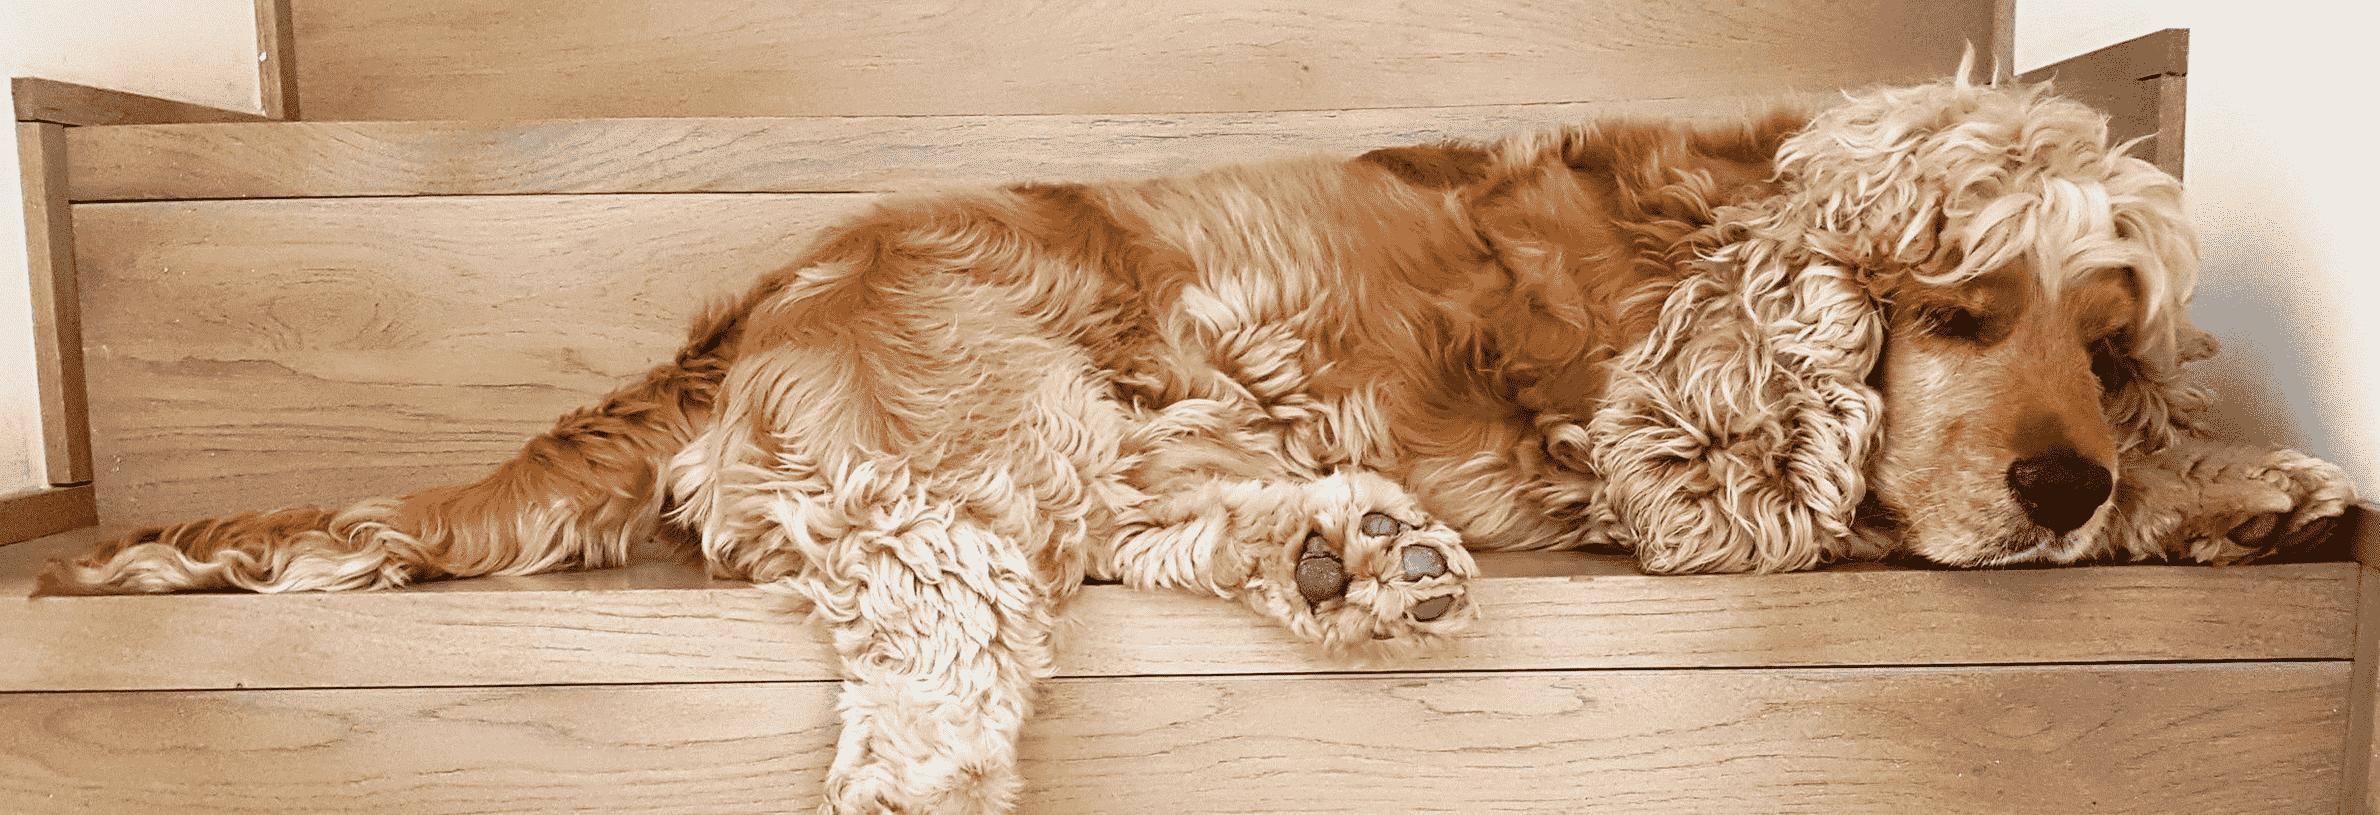 spoelworm bij de hond